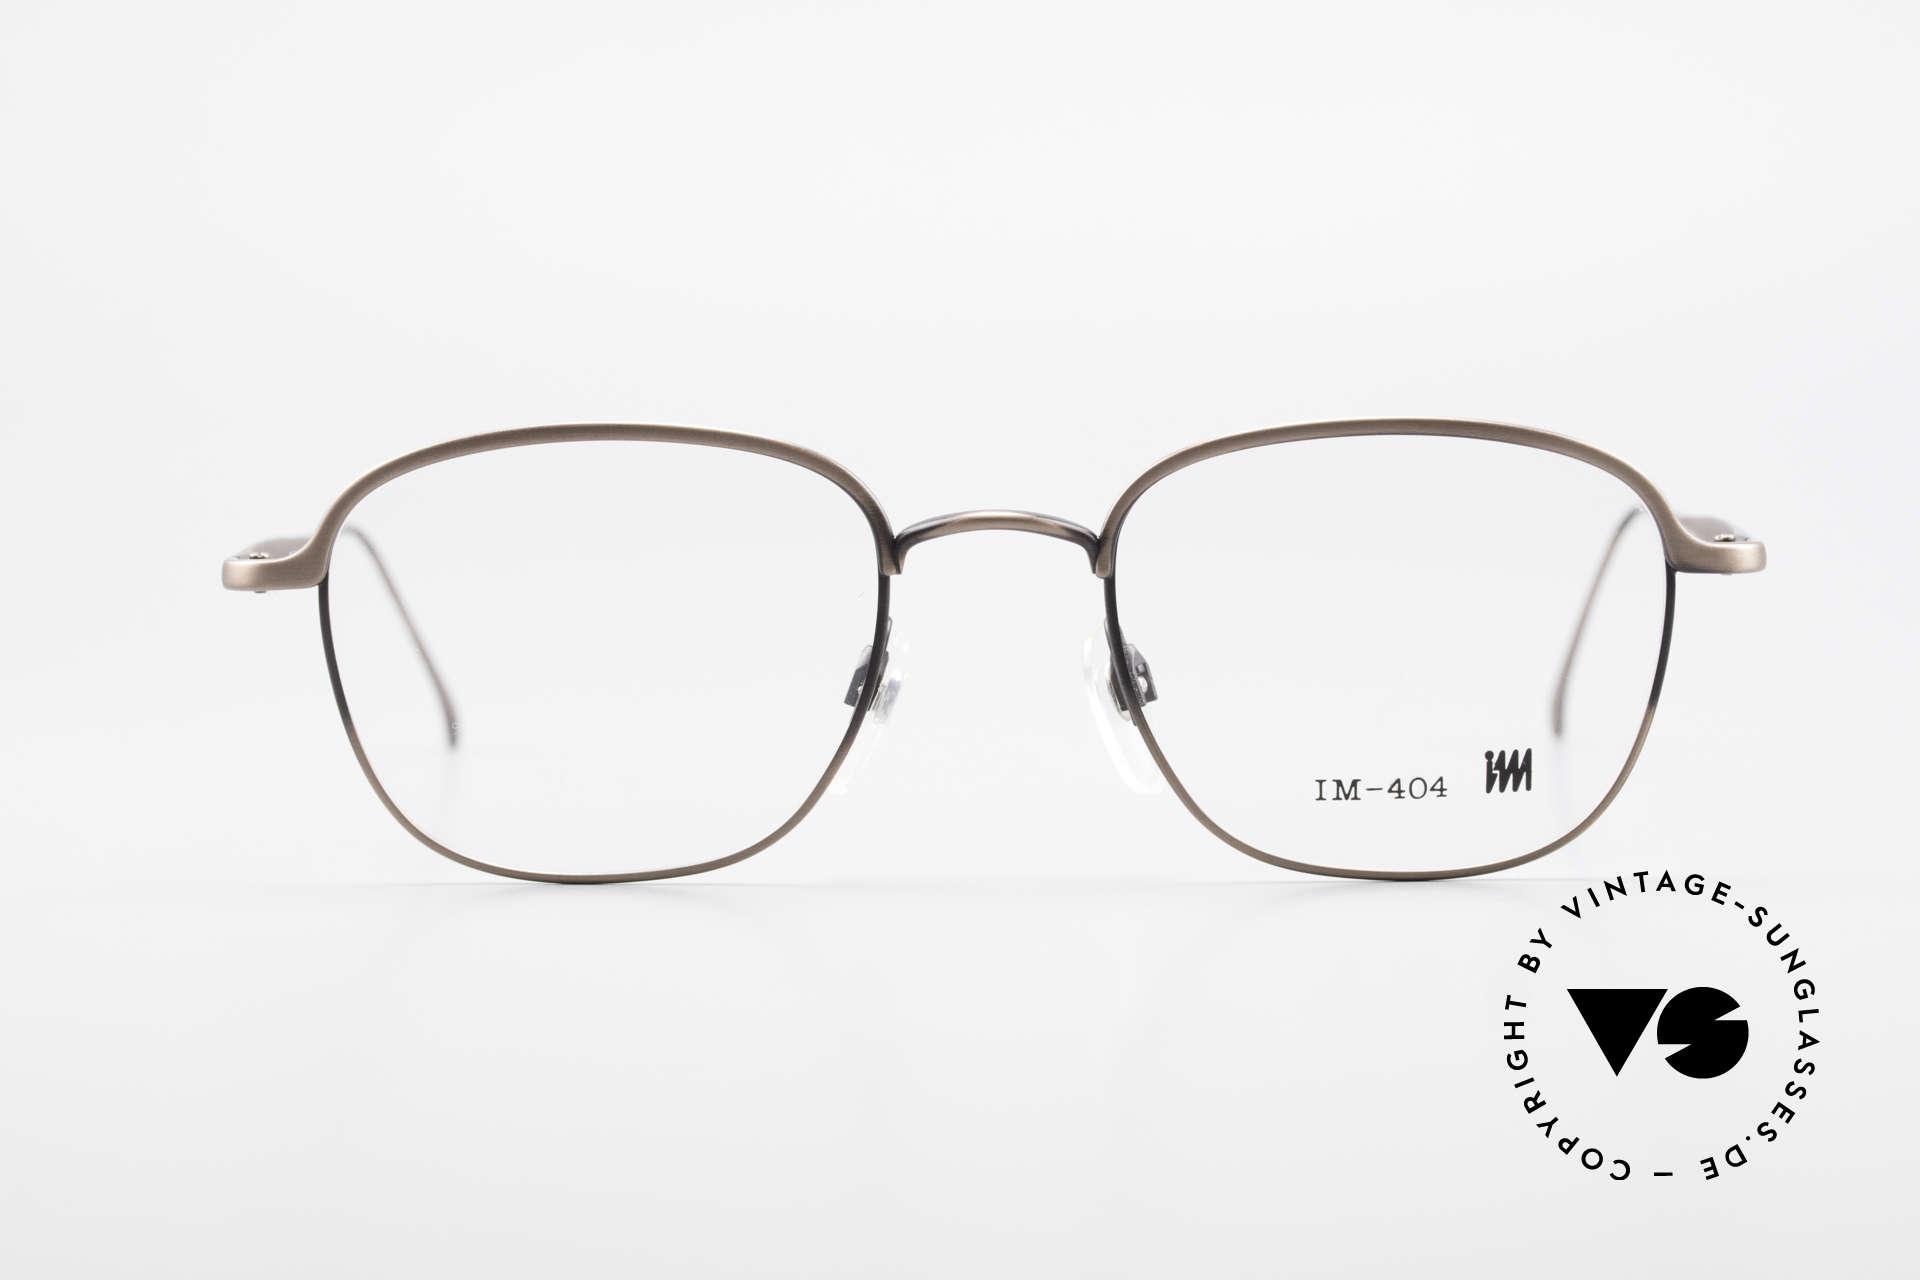 Miyake Design Studio IM404 Insider Brille All Titan 90er, eine echte INSIDER-Brille ohne großes Branding, Passend für Herren und Damen